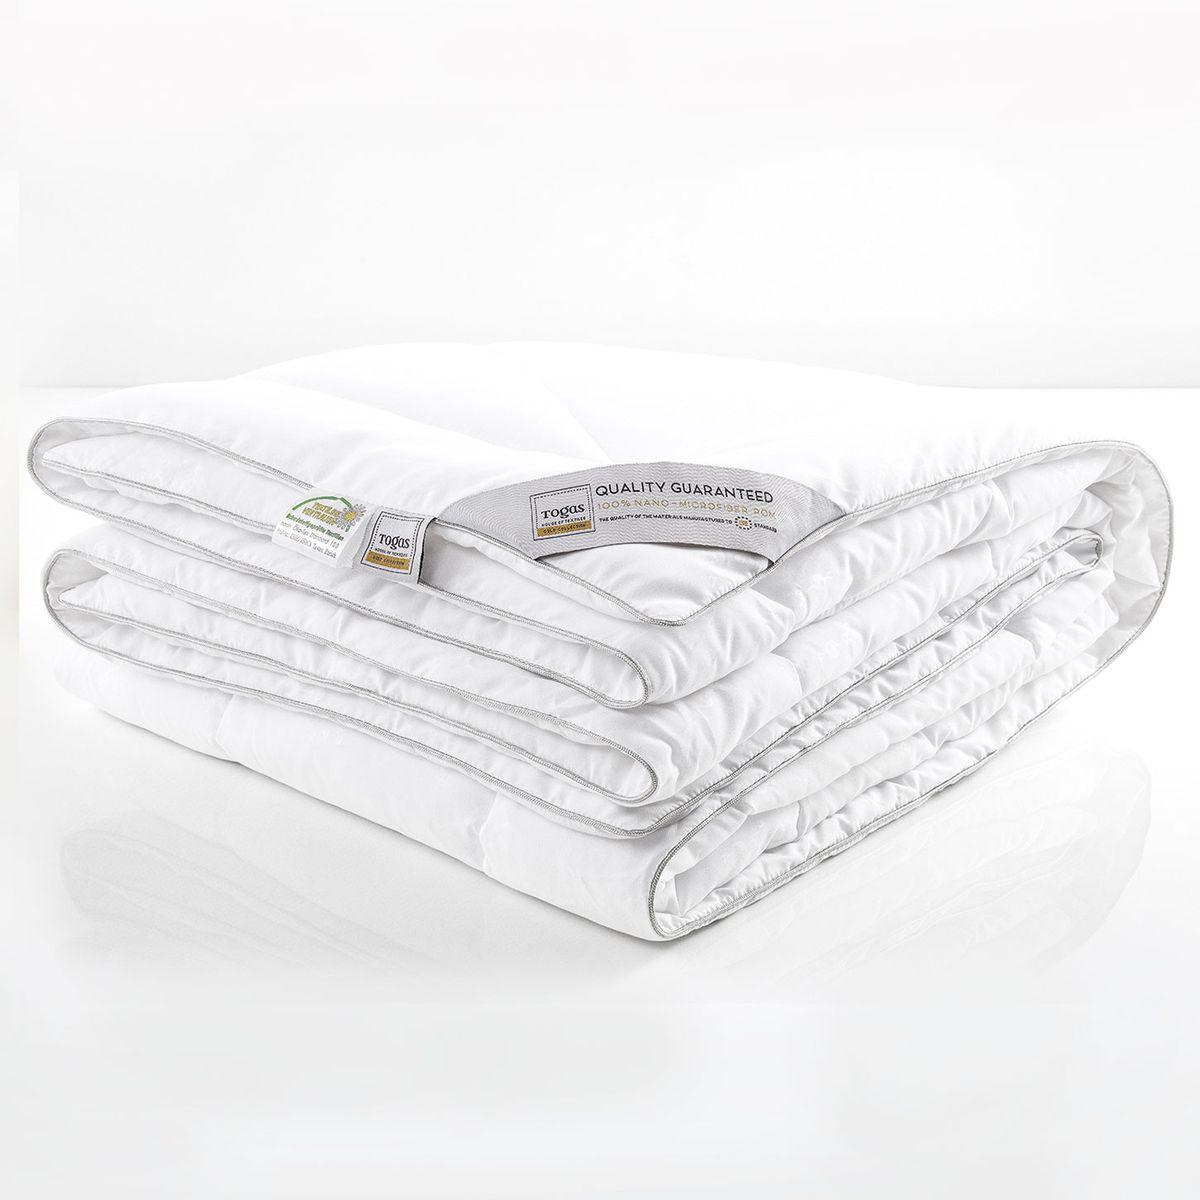 """Одеяло Нано микрофайбер с микрогранулами нано. 20.04.12.001520.04.12.0015Комфортная темпетатура тела во время сна - важная составляющая комфорта. В идеальных условиях тело расслабляется и по-настоящему отдыхает, как результат - Вы просыпаетесь отдохнувшим и бодрым, готовым к новым свершениям. """"Микрофайбер с микрогранулами НАНО"""" - одеяло с """"климатконтролем"""". Оно «подстраивается» под различные температурные условия, регулируя температуру тела во время сна и наполняя Вас ощущением легкости и комфорта"""